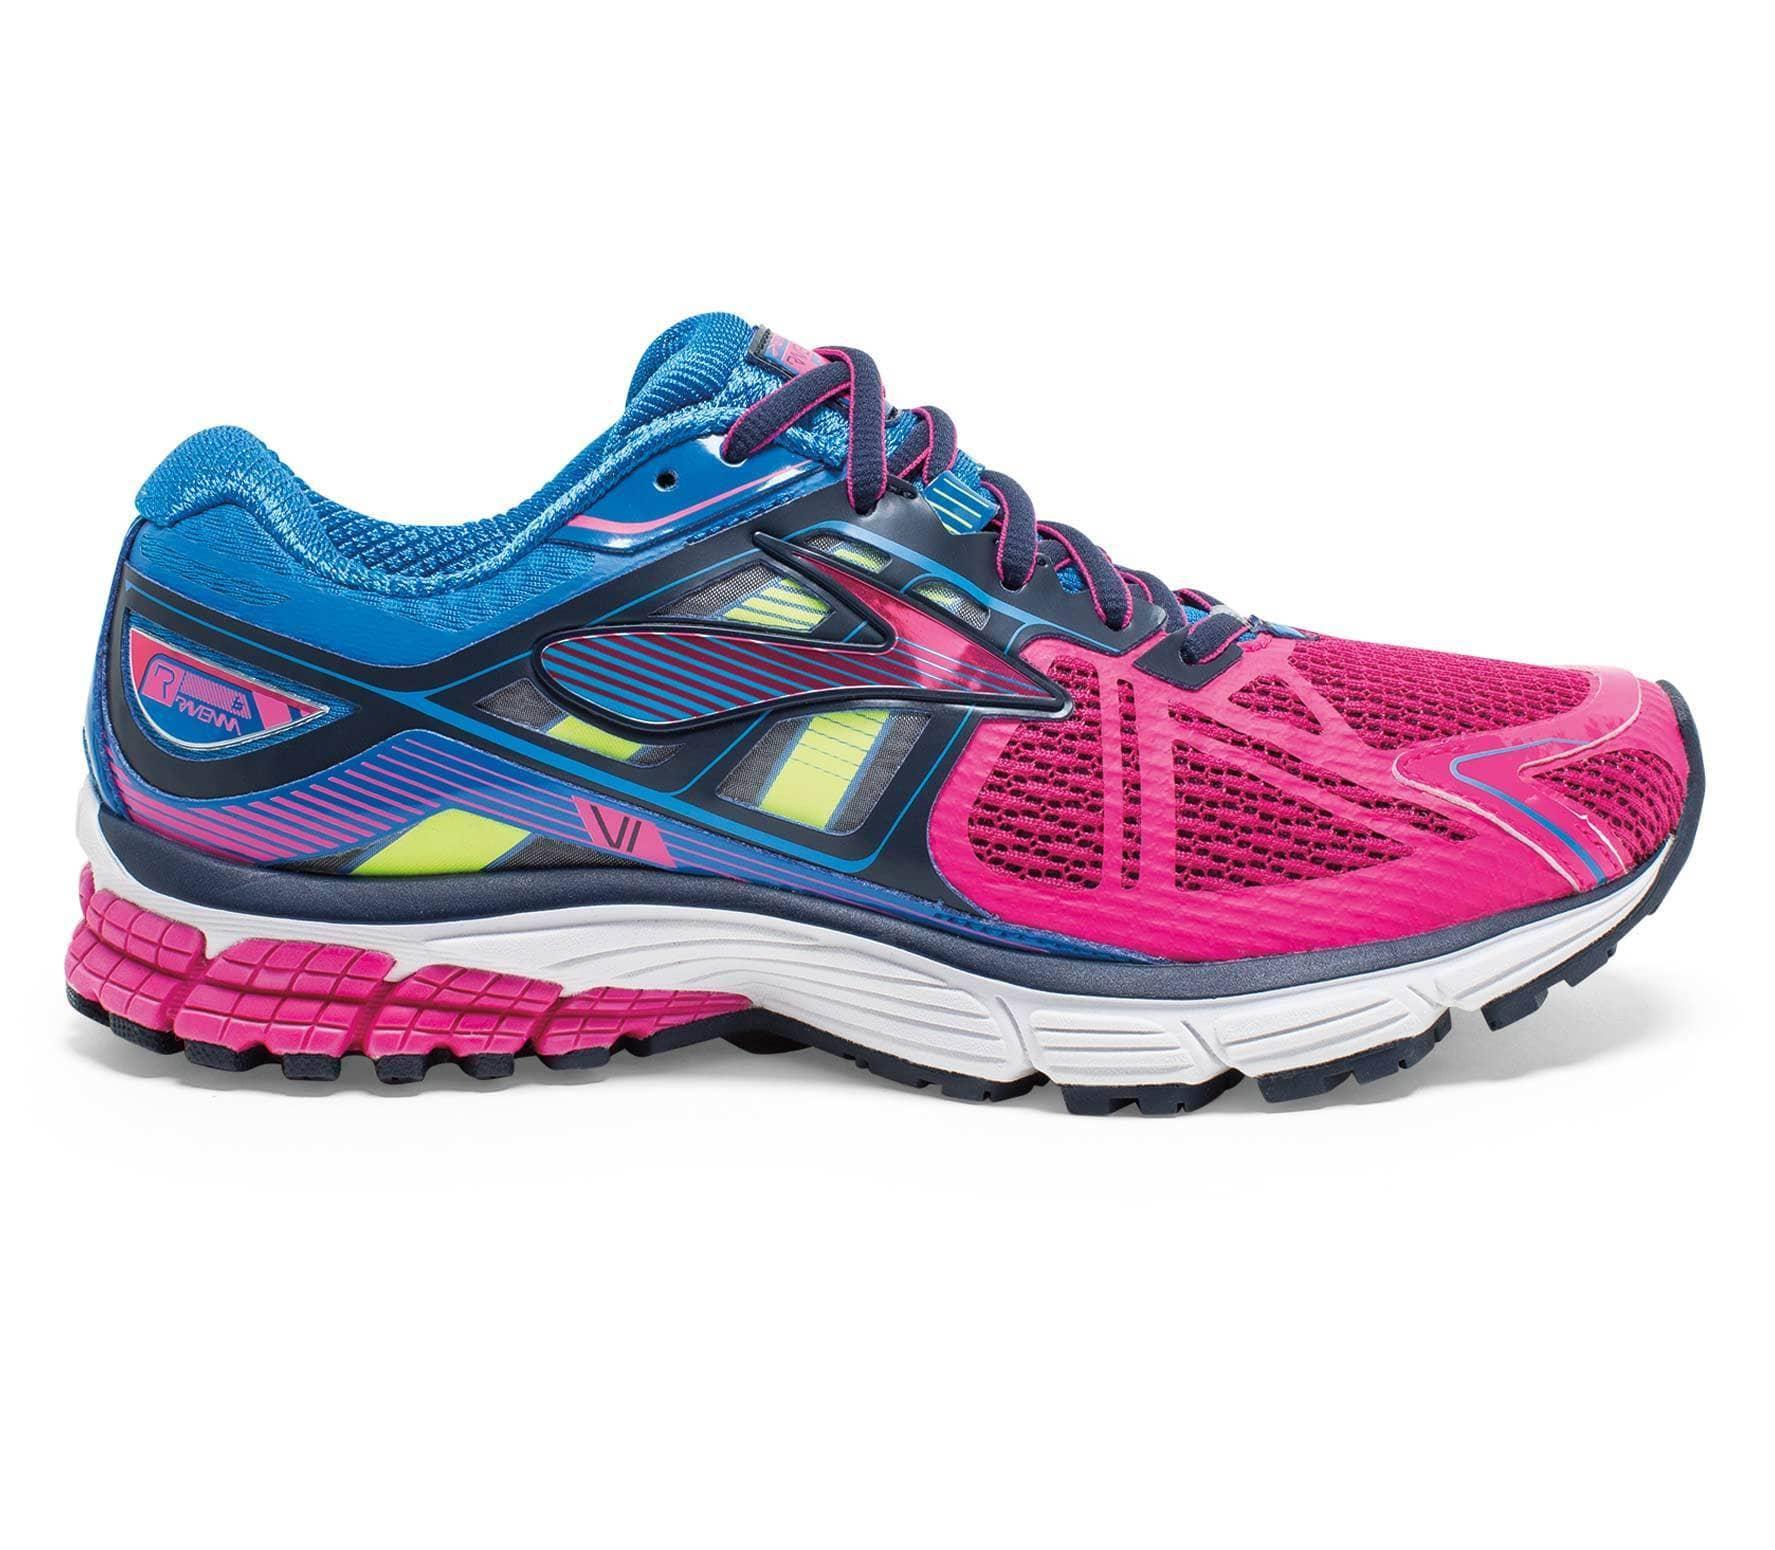 seleziona per ultimo qualità perfetta Promozione delle vendite Brooks Ravenna 6 Donna scarpe da corsa Women